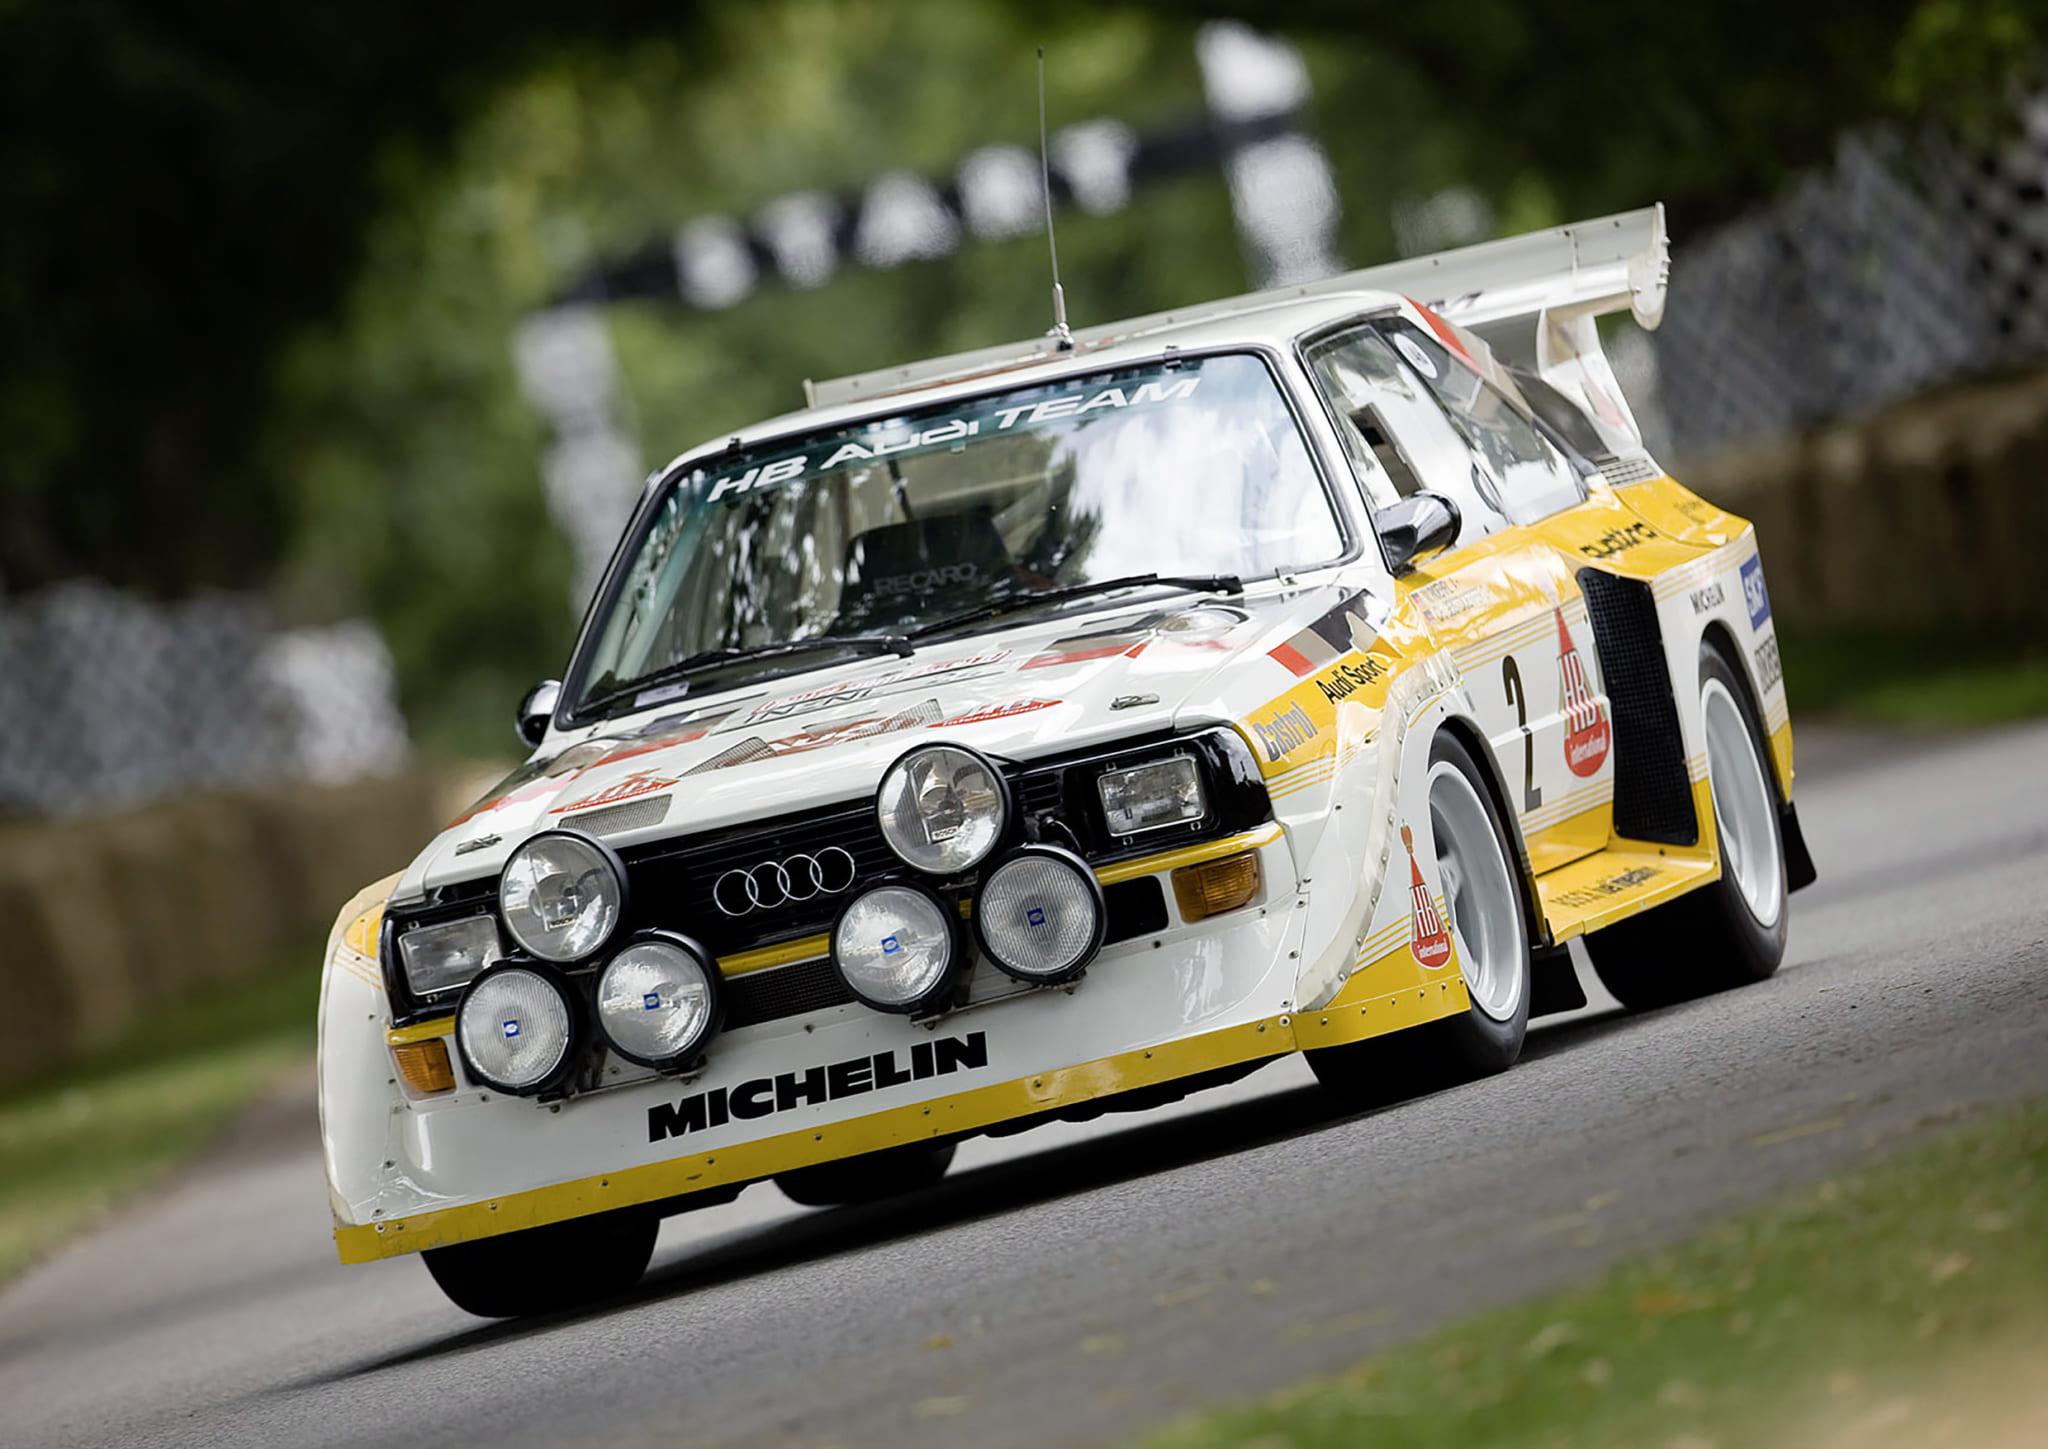 最初はシステムの名前じゃなく車名だった! 「ラリー=4WD」の常識を作ったアウディの「クワトロ」とは